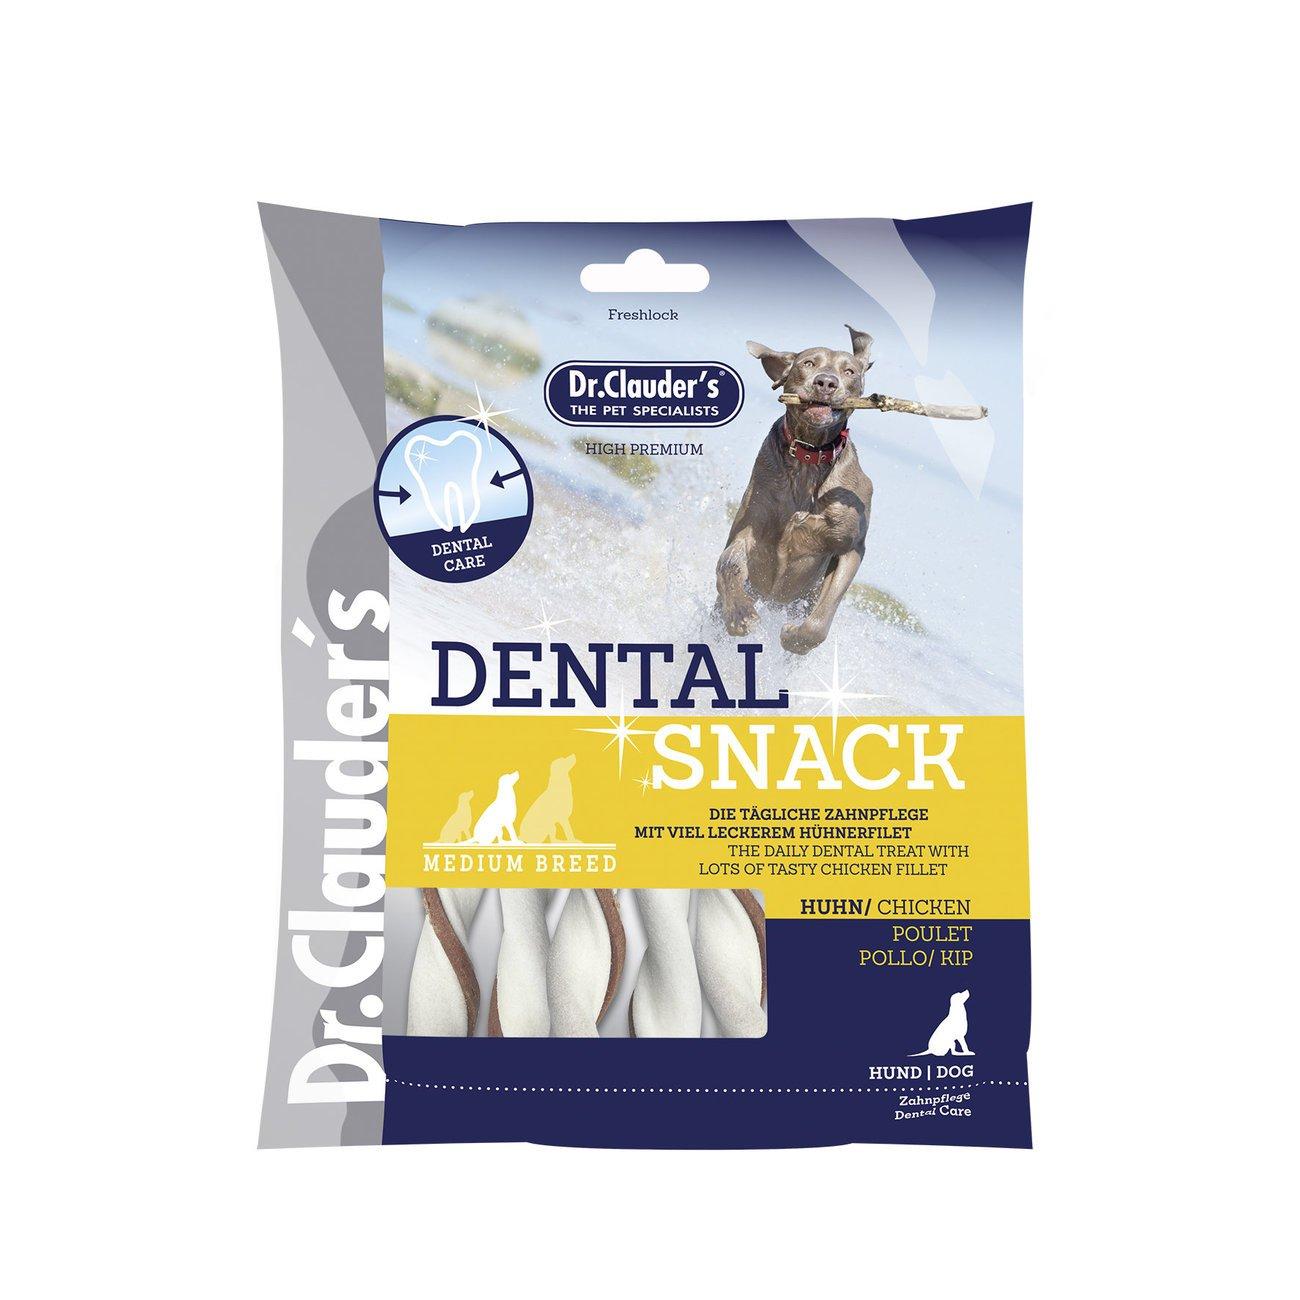 Dr. Clauders Hunde Dental Snack, Bild 2